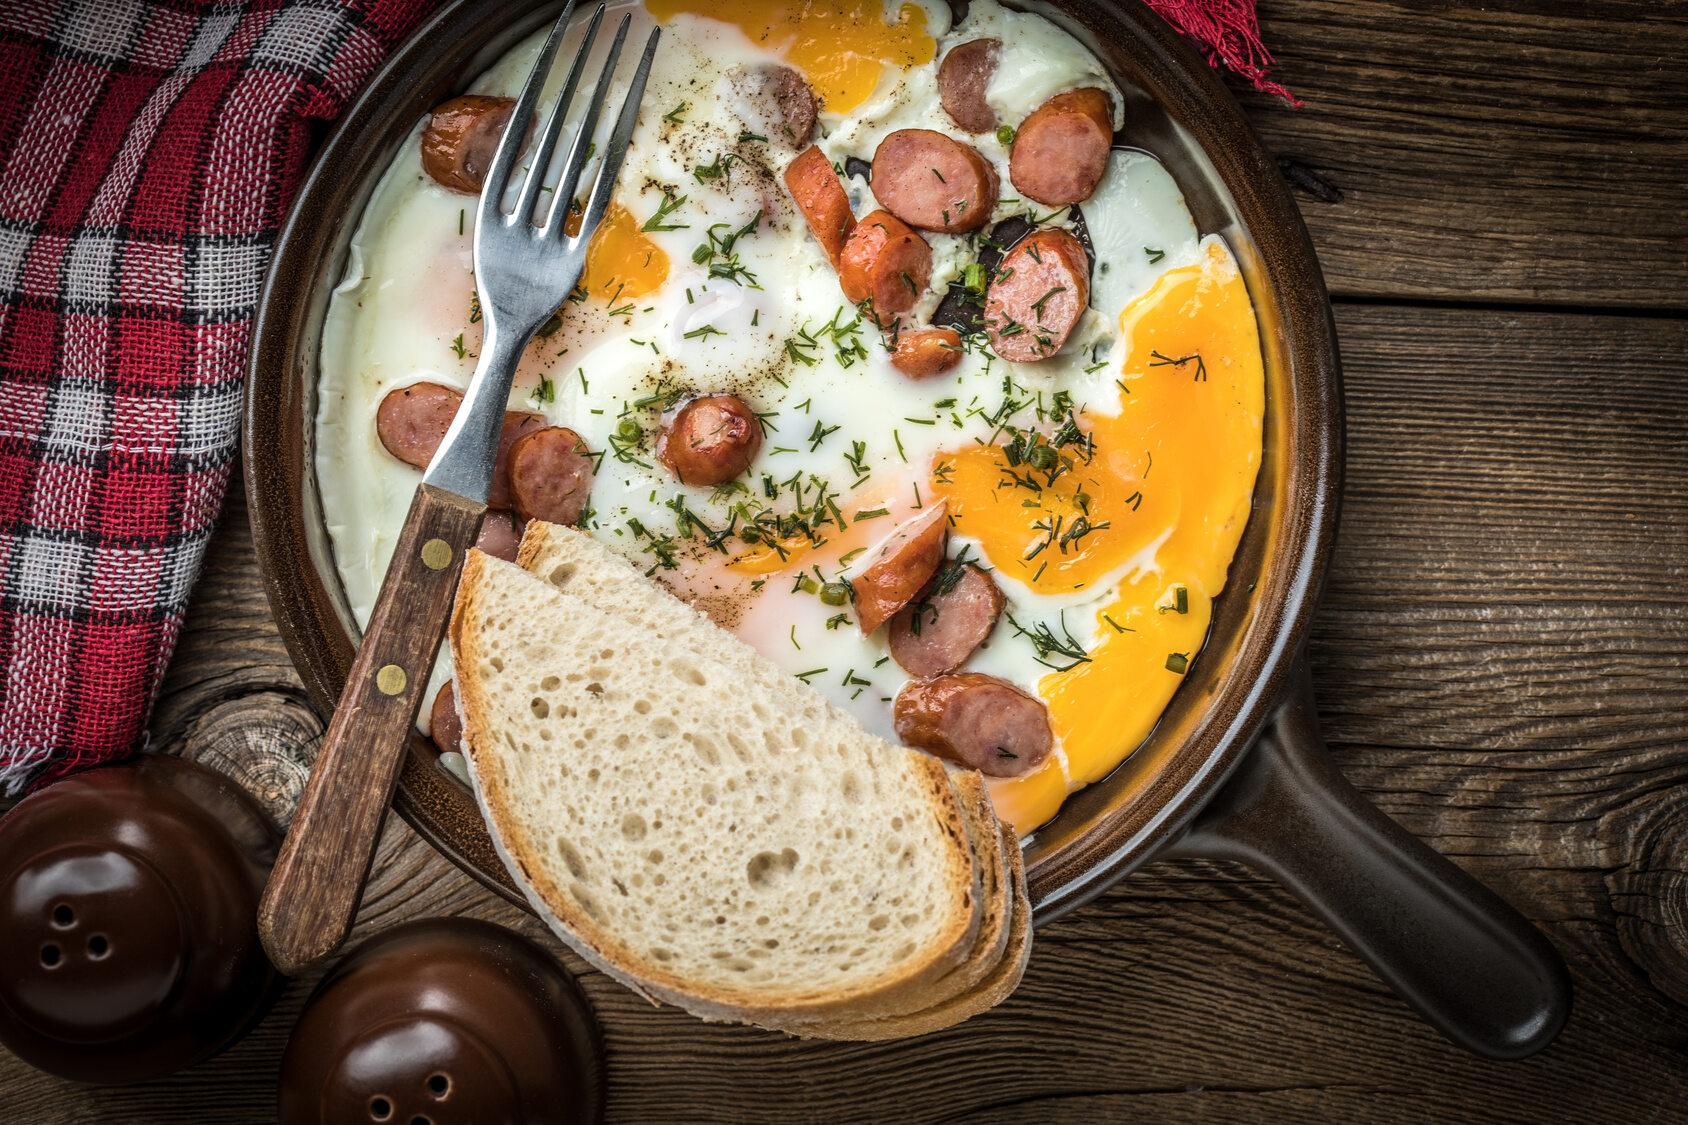 Danie z kiełbasą i jajkami